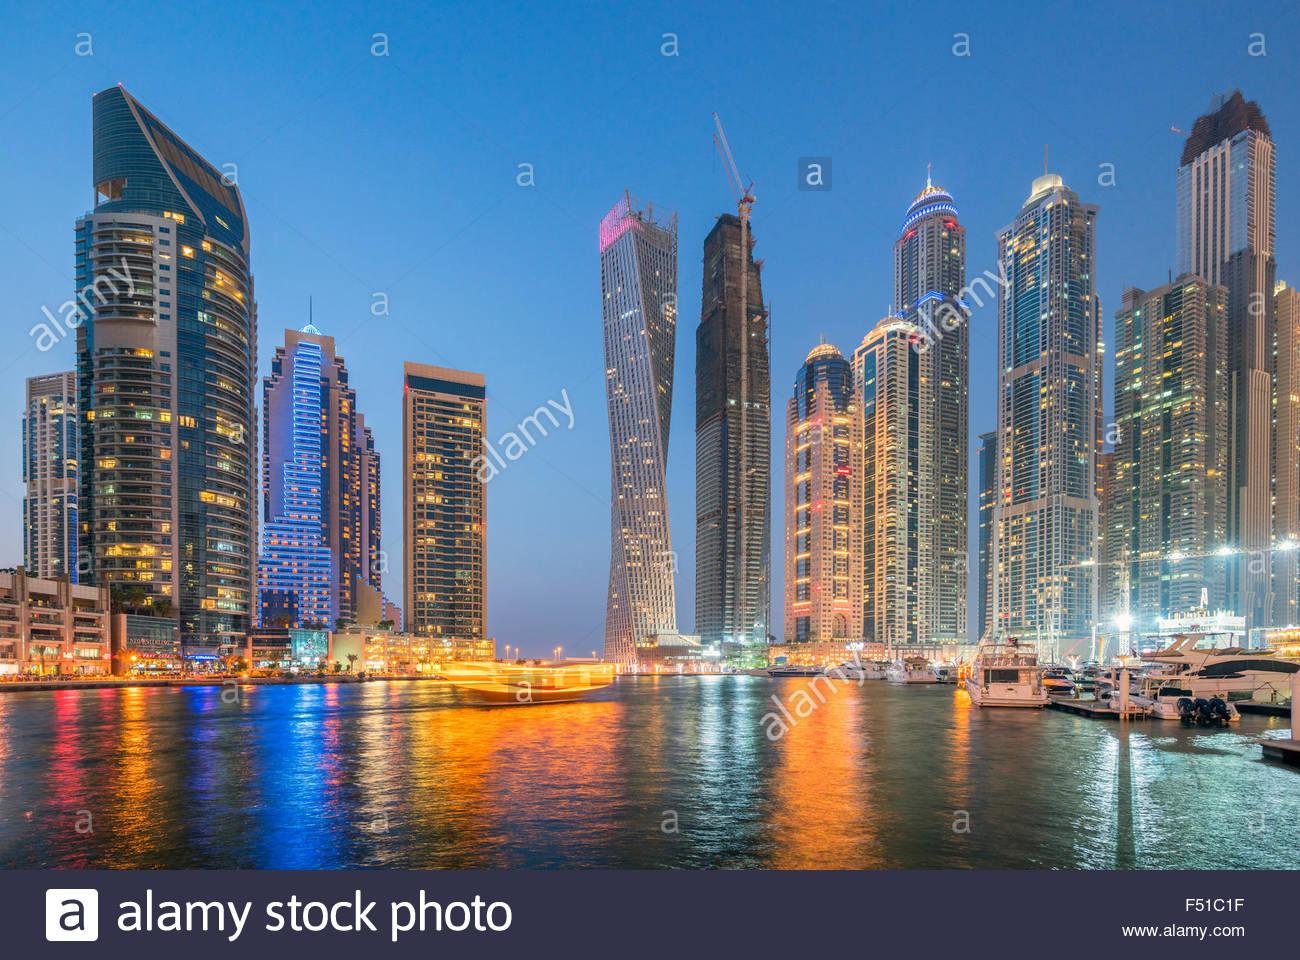 Toits de gratte-ciel dans la nuit à la Marina de Dubaï Émirats Arabes Unis Photo Stock